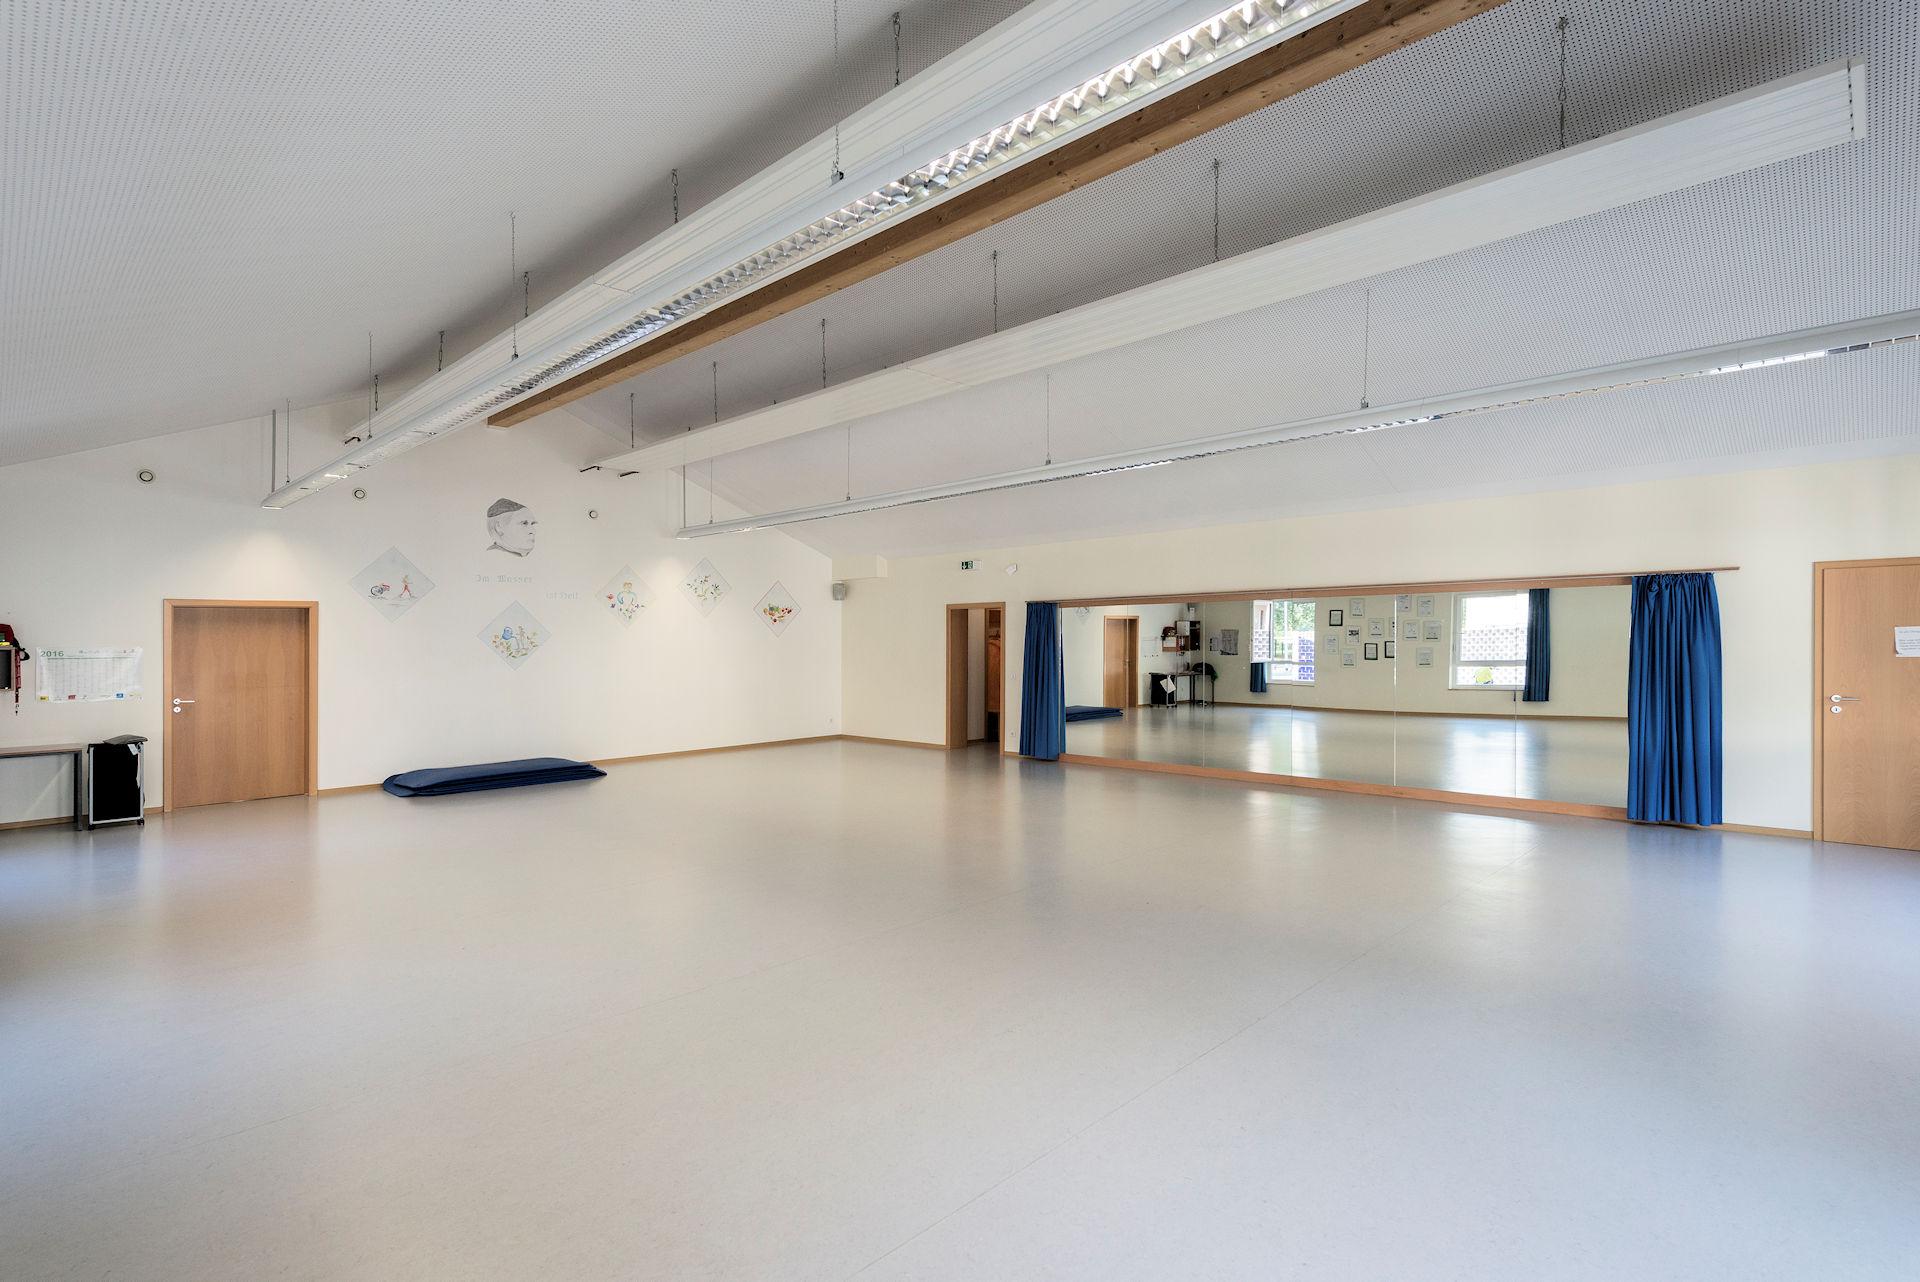 Sporthalle Kneipp-Verein Bocholt Holzbau